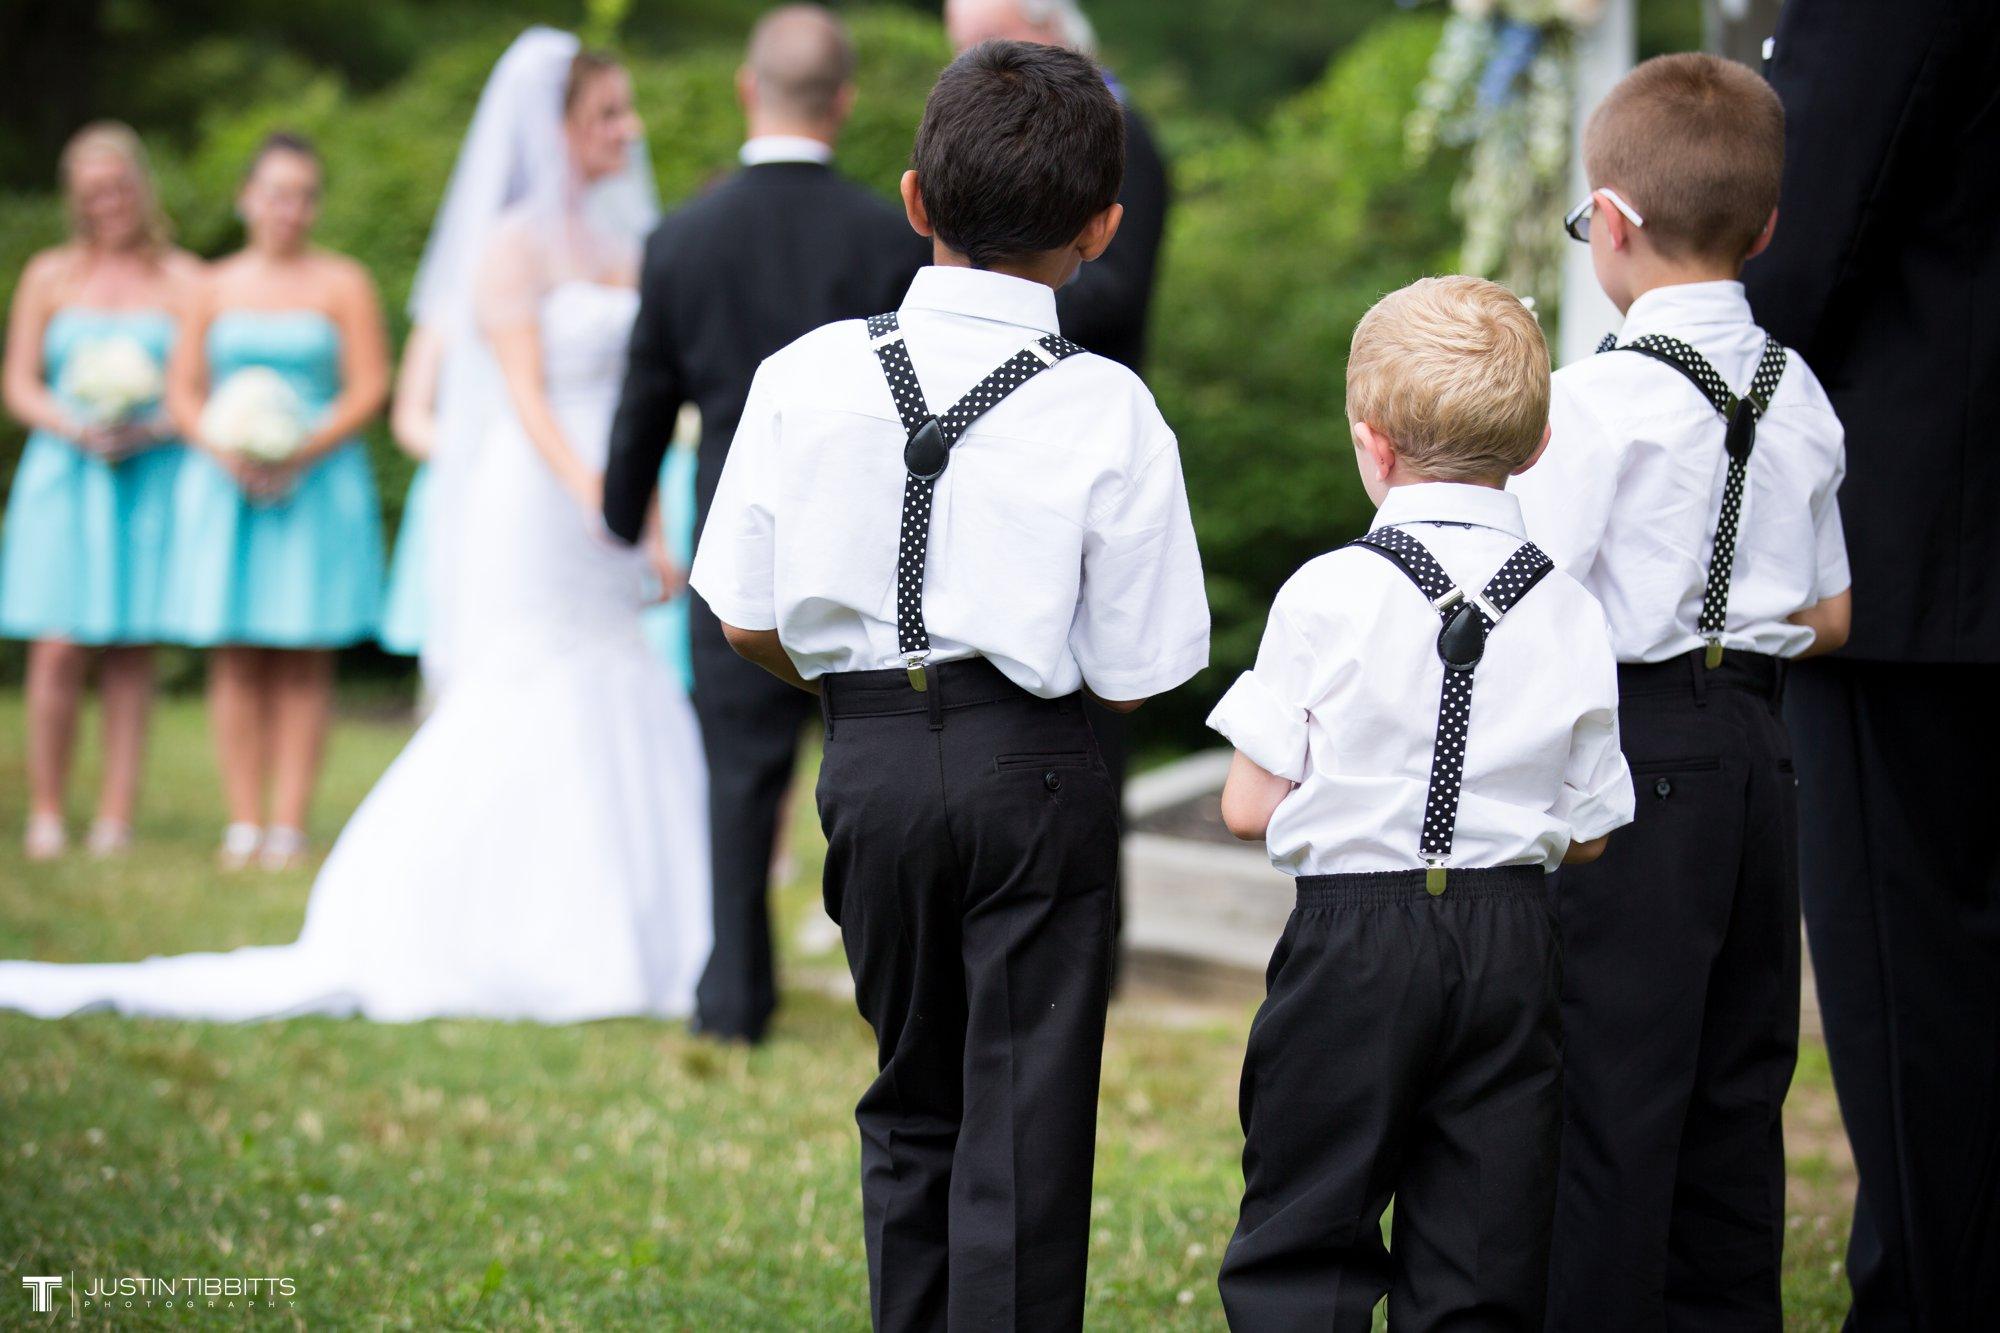 Albany NY Wedding Photographer Justin Tibbitts Photography 2014 Best of Albany NY Weddings-42313